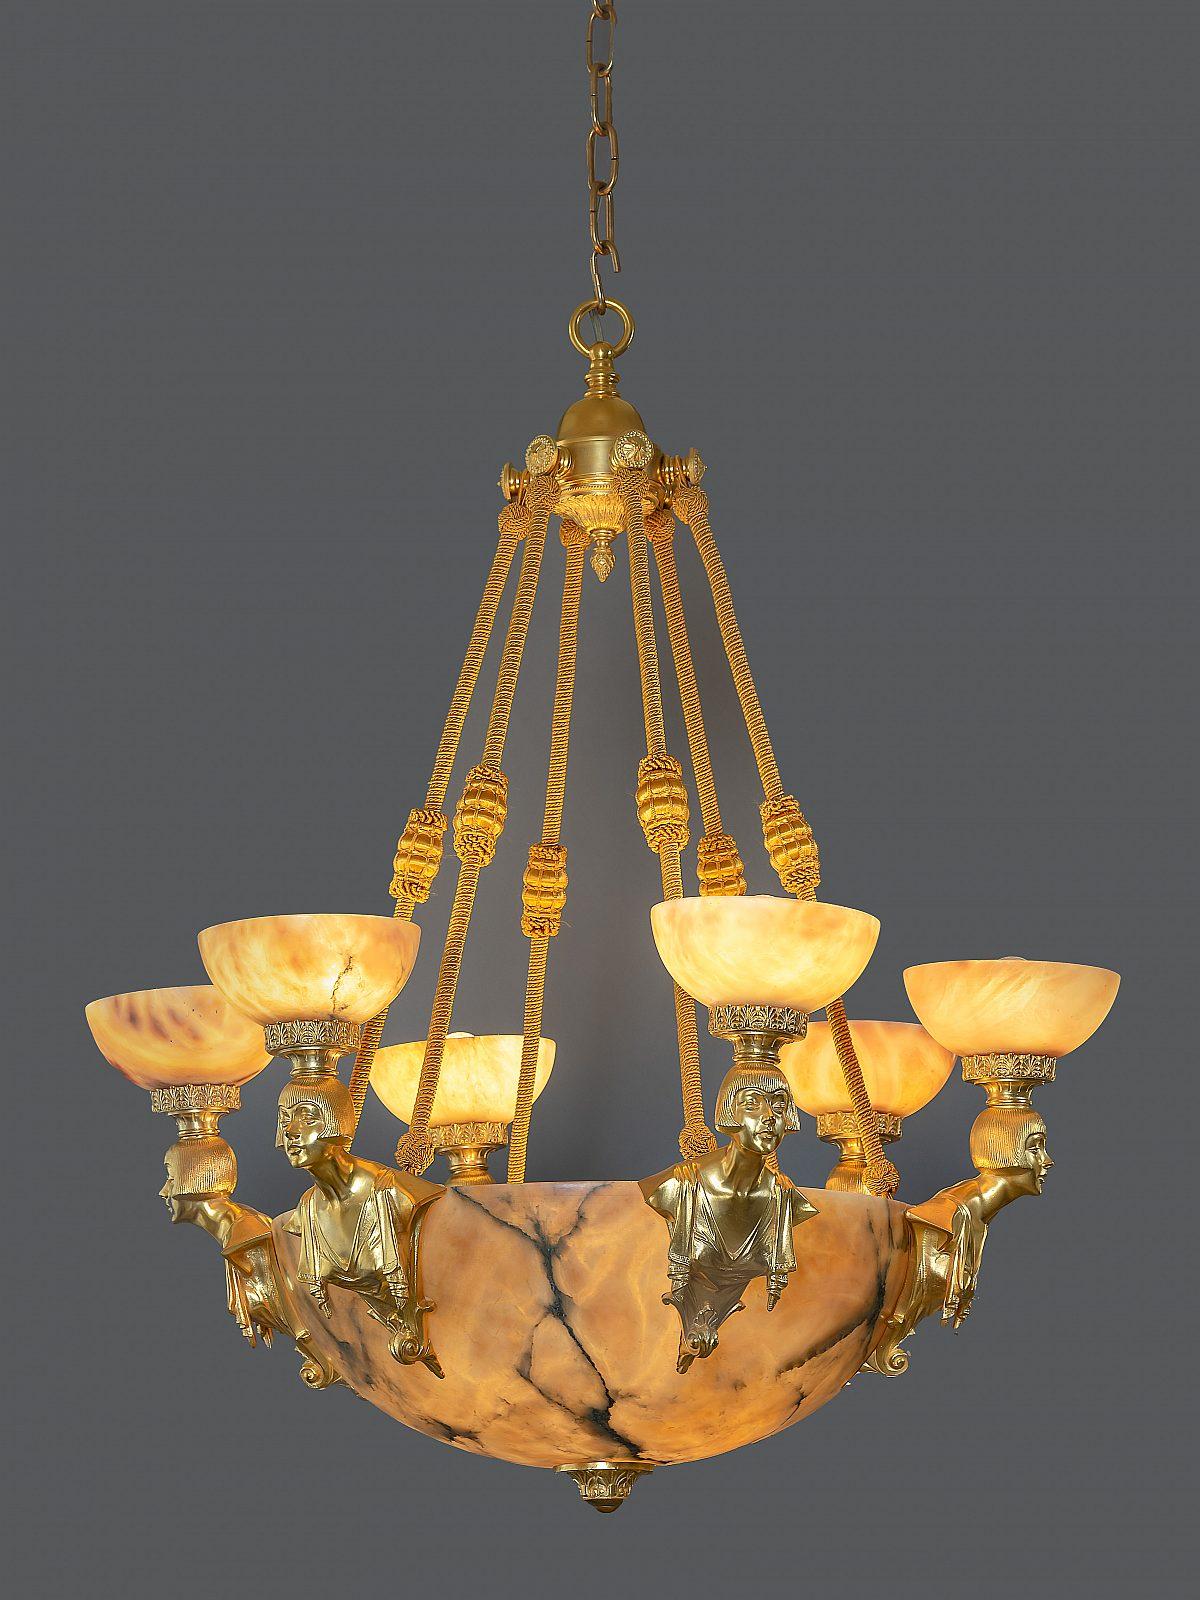 HM Alabaster Leuchtergesamt